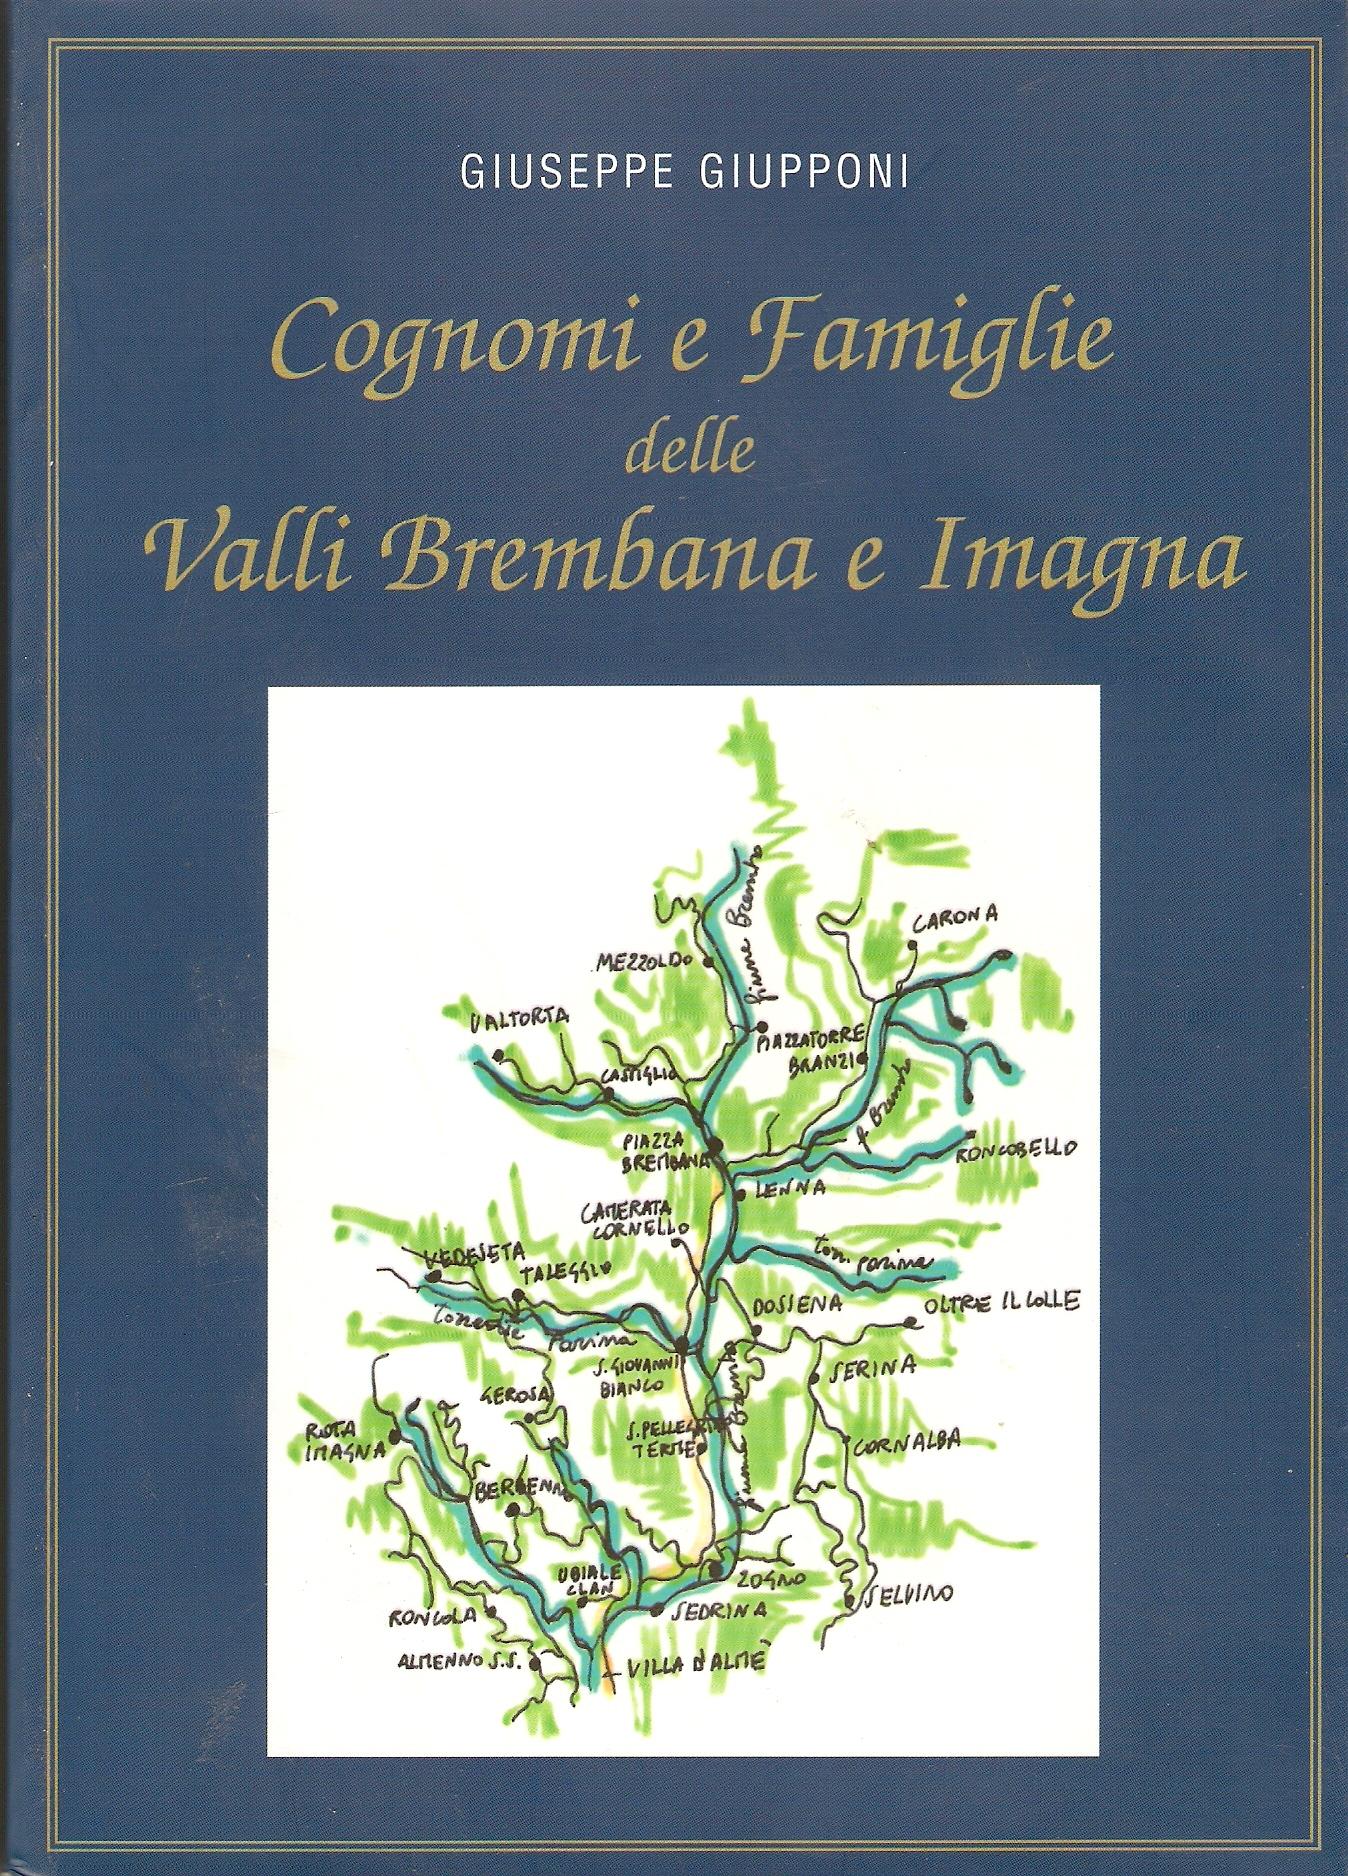 Cognomi e famiglie delle Valli Brembana e Imagna